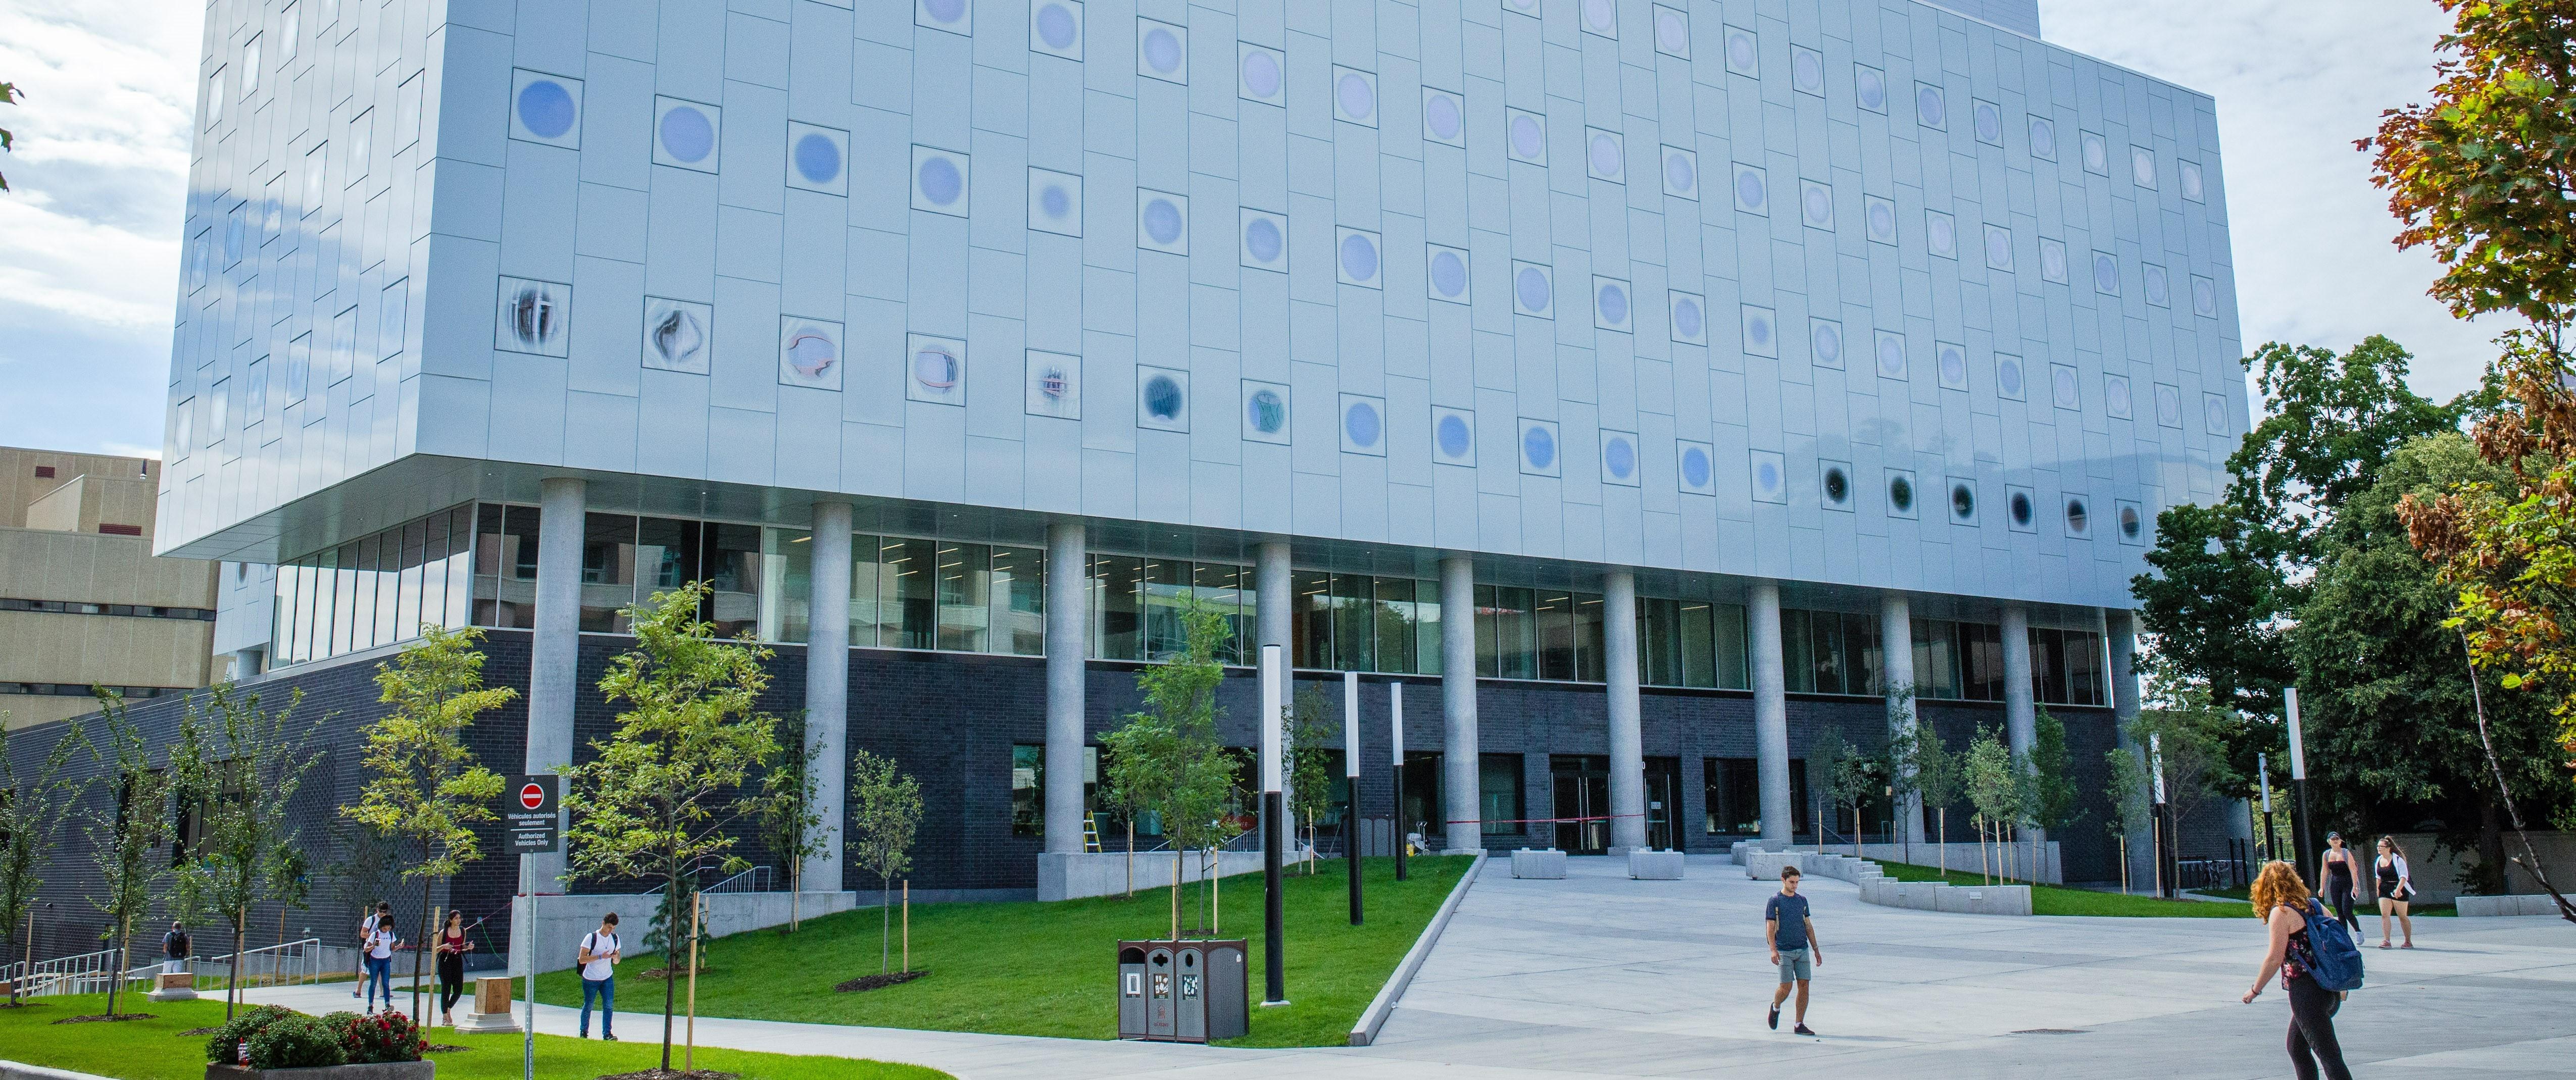 Étudiants qui marchent devant l'édifice STEM